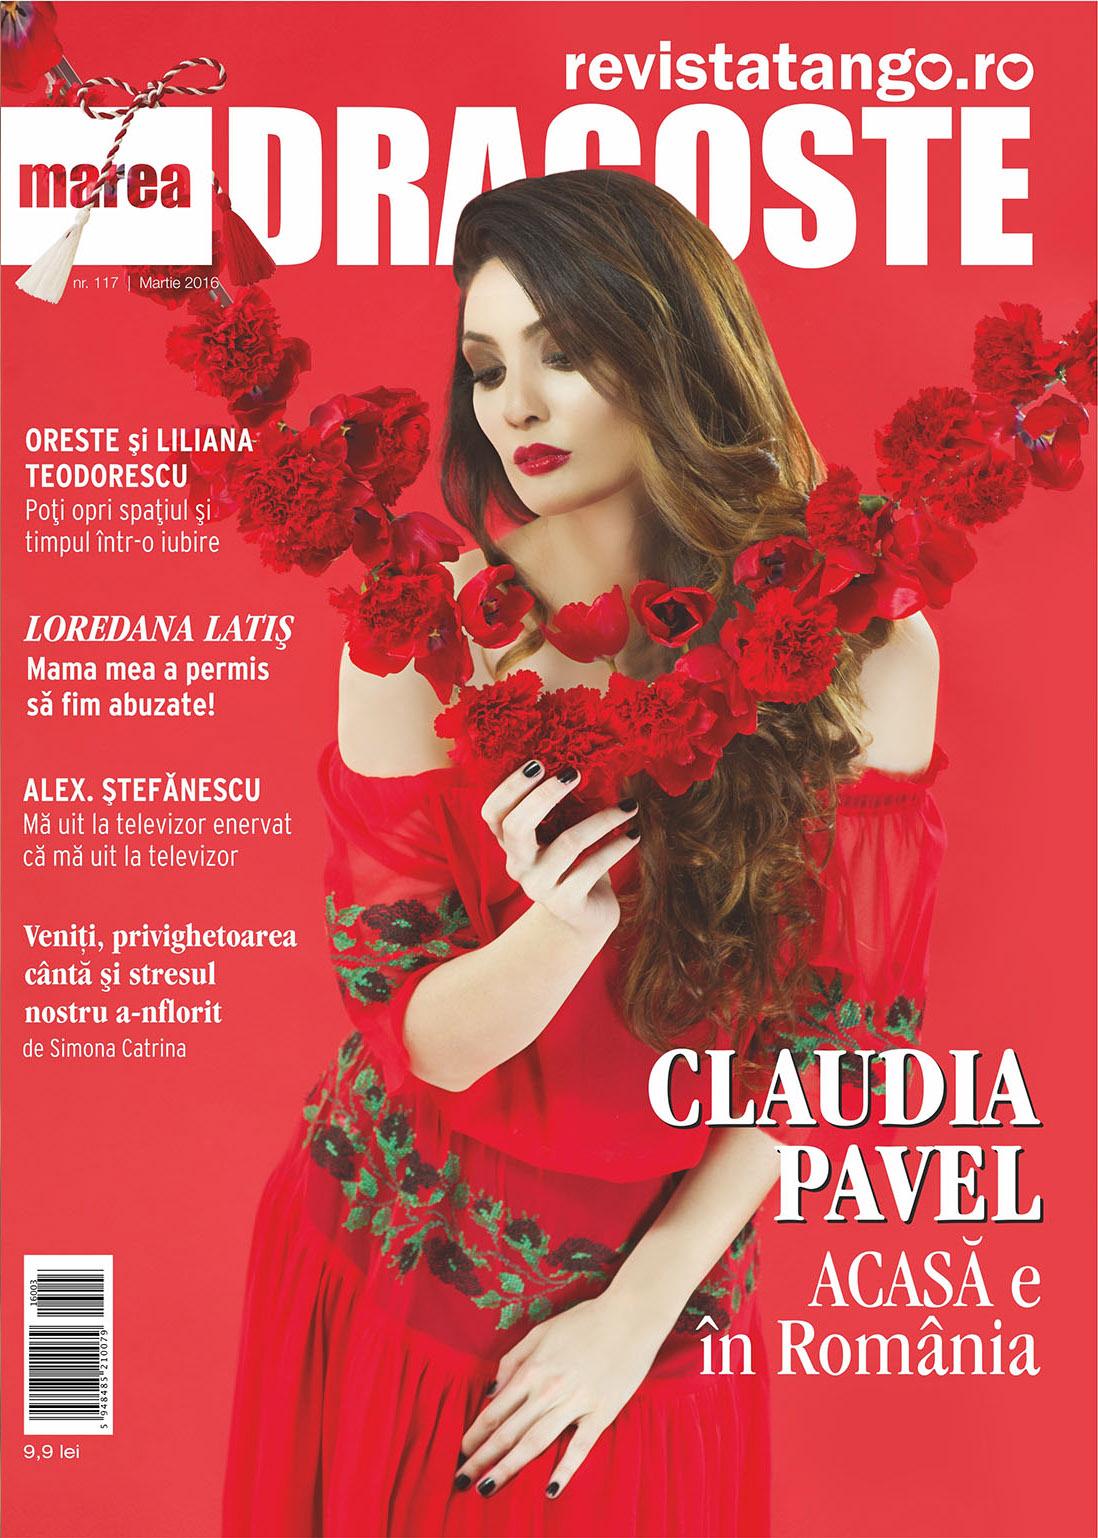 Coperta Marea Dragoste-revistatango.ro, nr. 117; Claudia Pavel